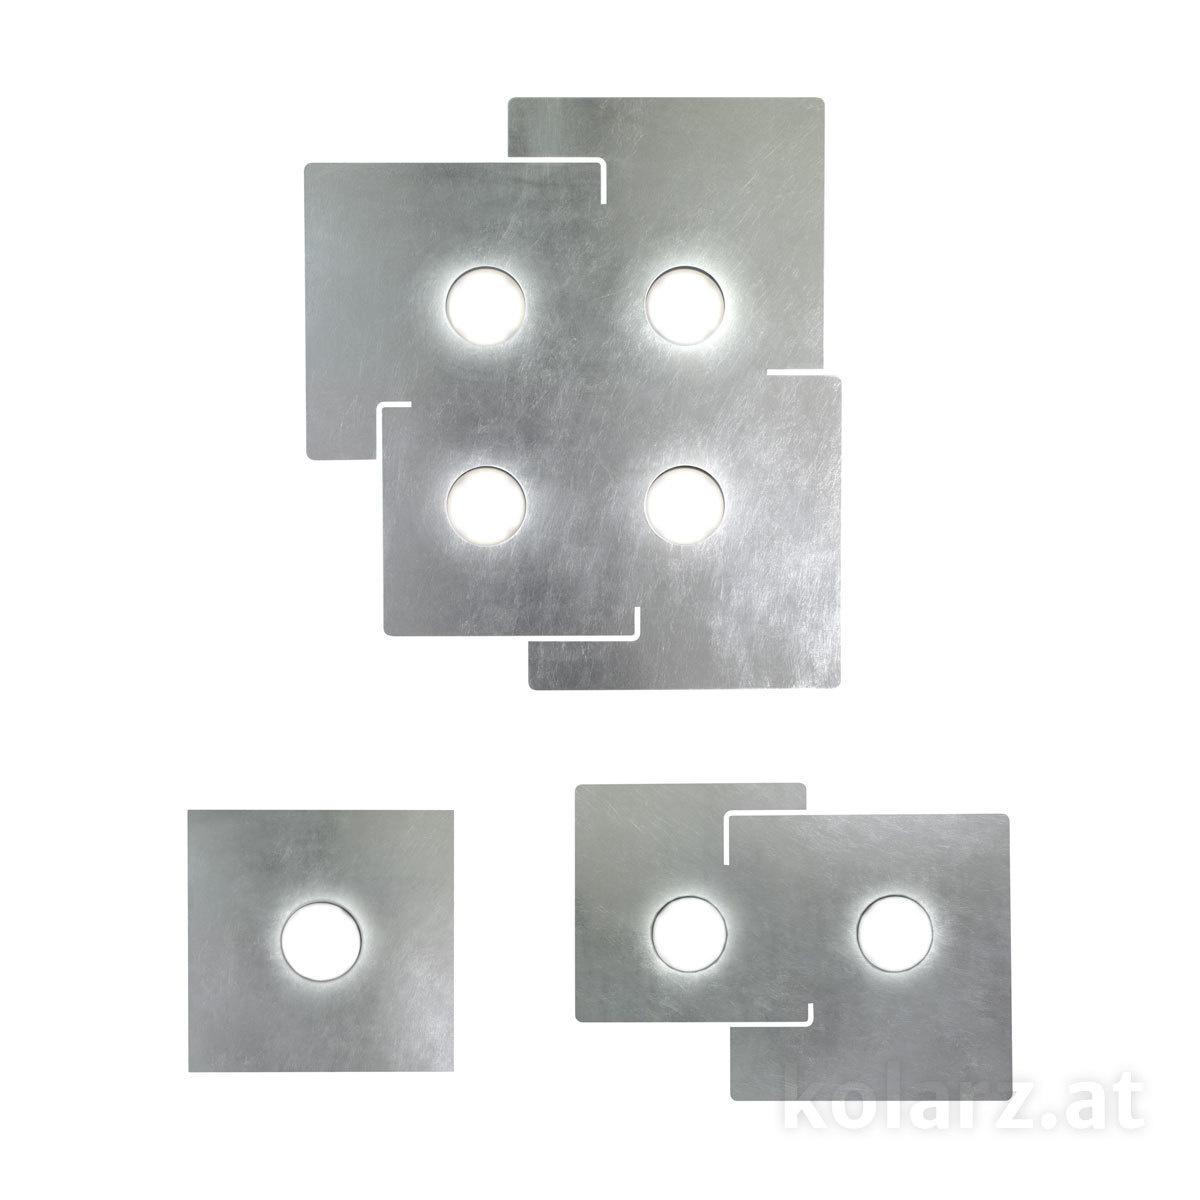 A1337-12-1-Ag-f2.jpg